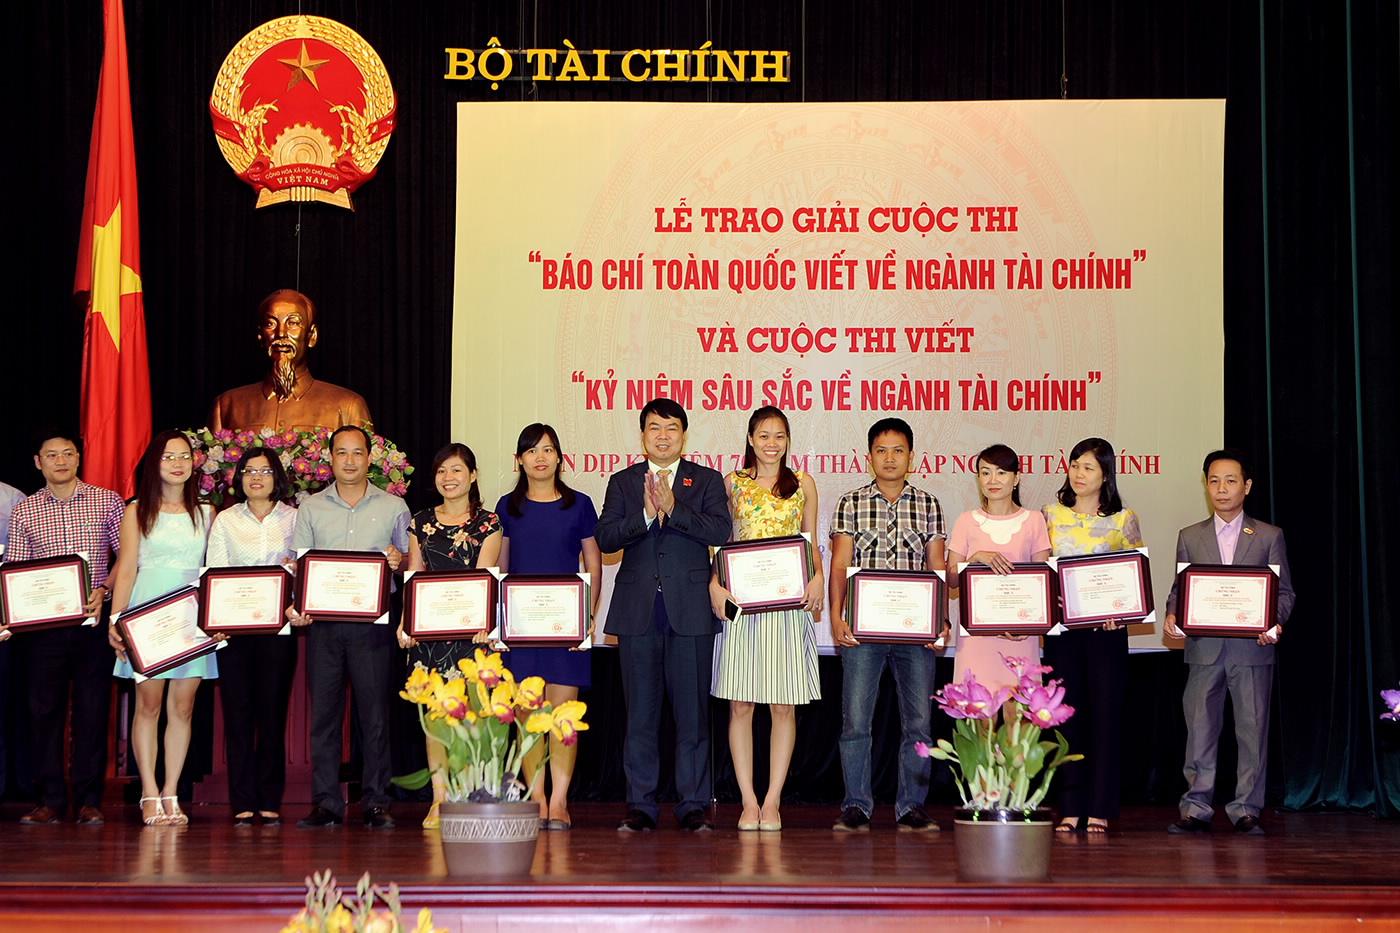 Ngày 20/8: Bộ Tài chính tổ chức trao giải báo chí toàn quốc viết về ngành Tài chính